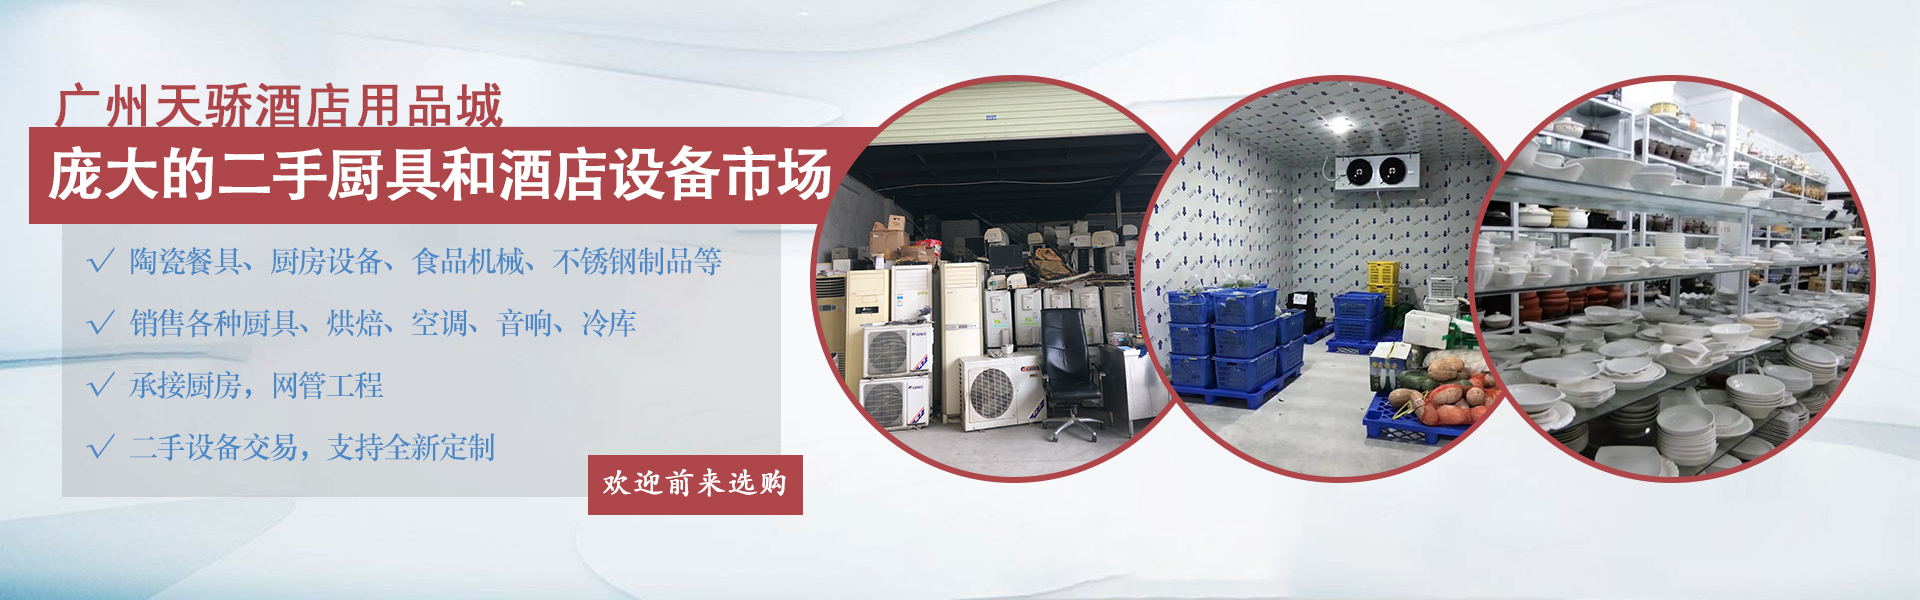 二手厨具市场,广州二手厨具市场,广州天骄酒店用品城